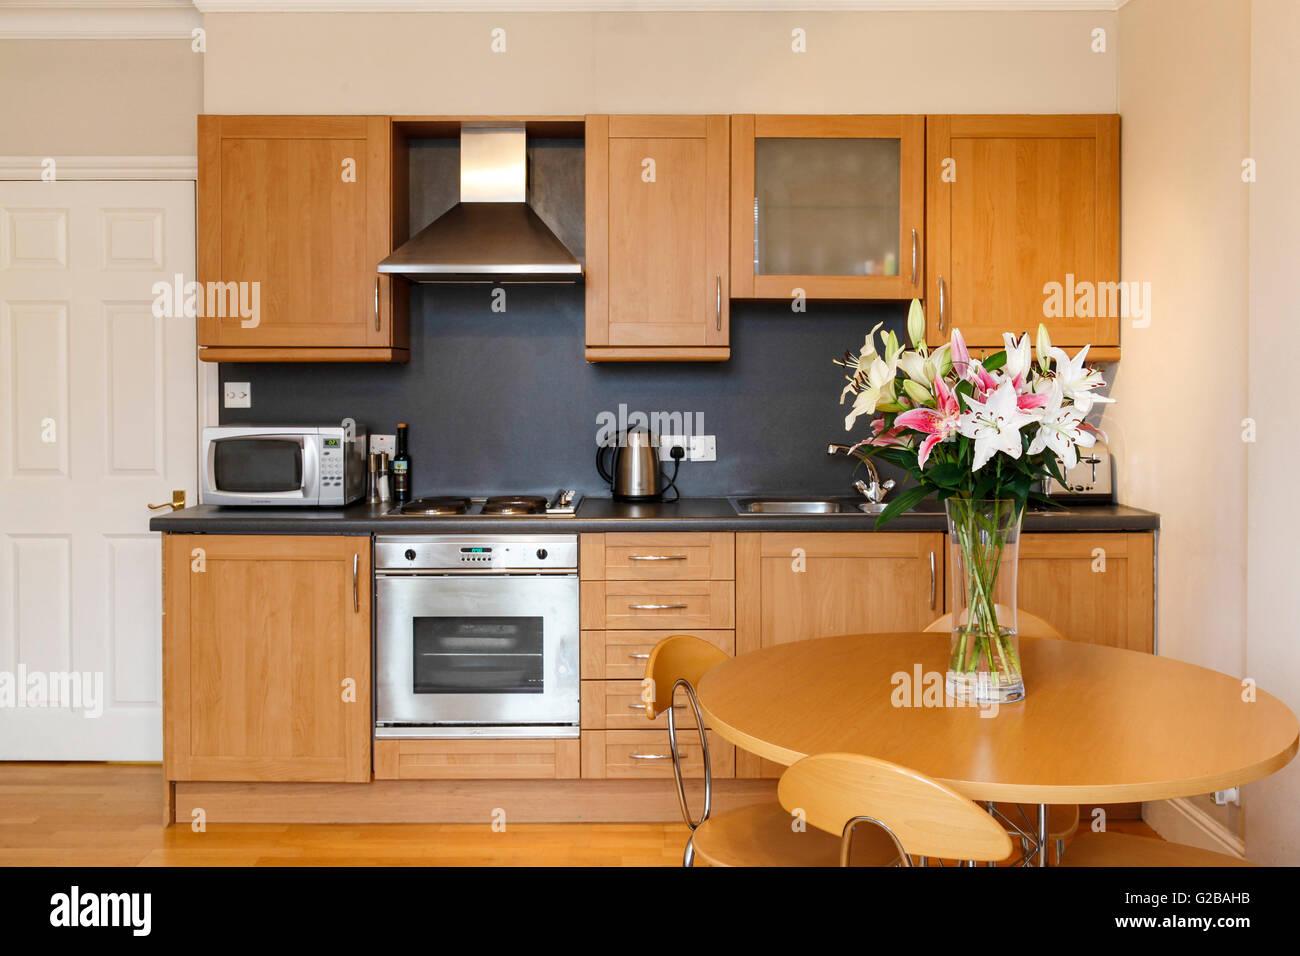 Maison Molyneux Marble Arch Petite Cuisine Moderne Avec Table à